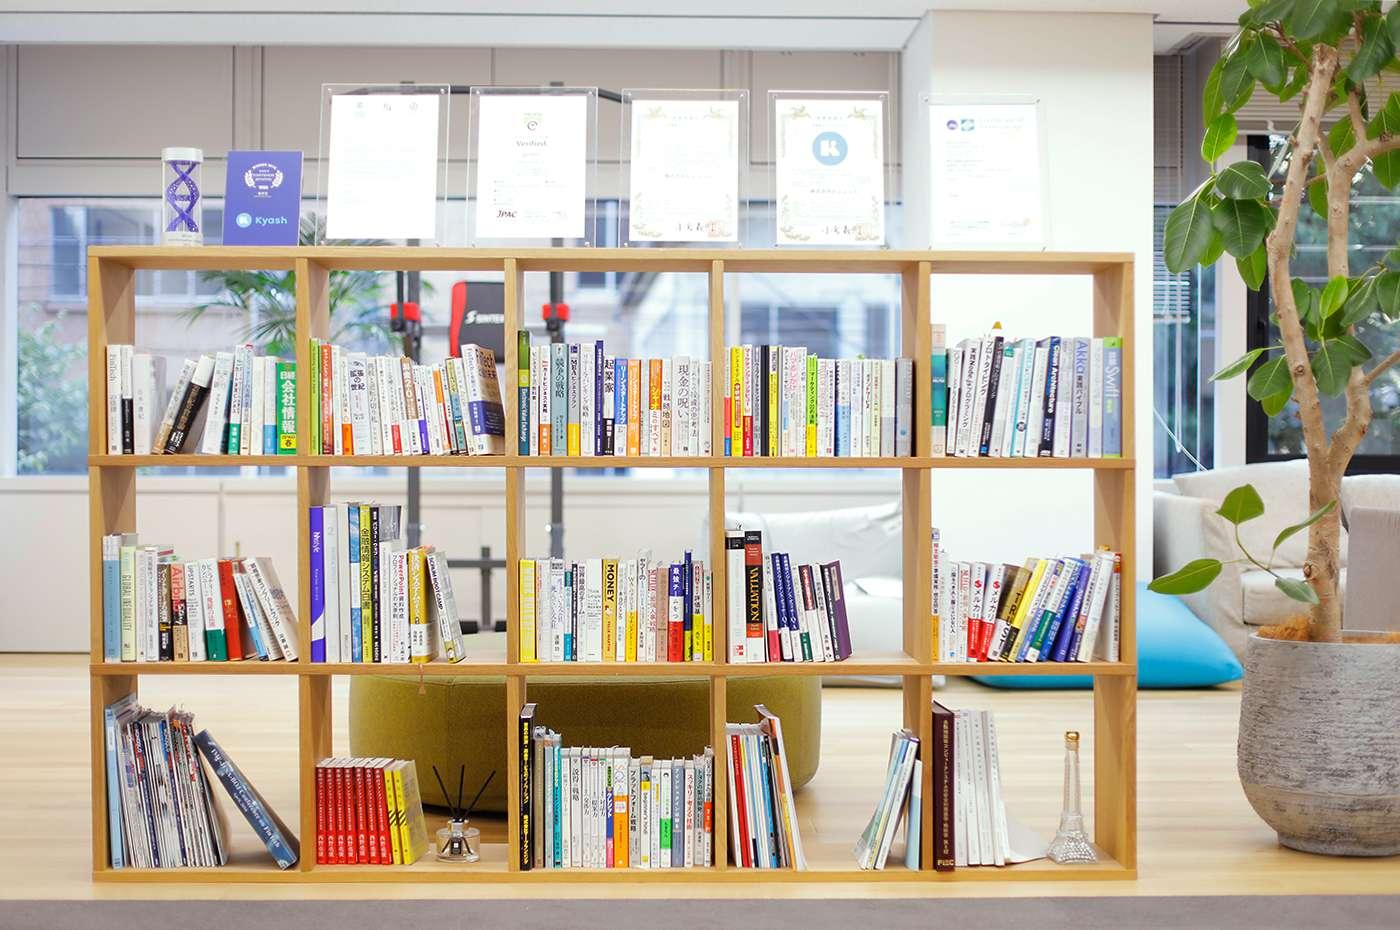 Kyashオフィス 本棚 技術書が並ぶ